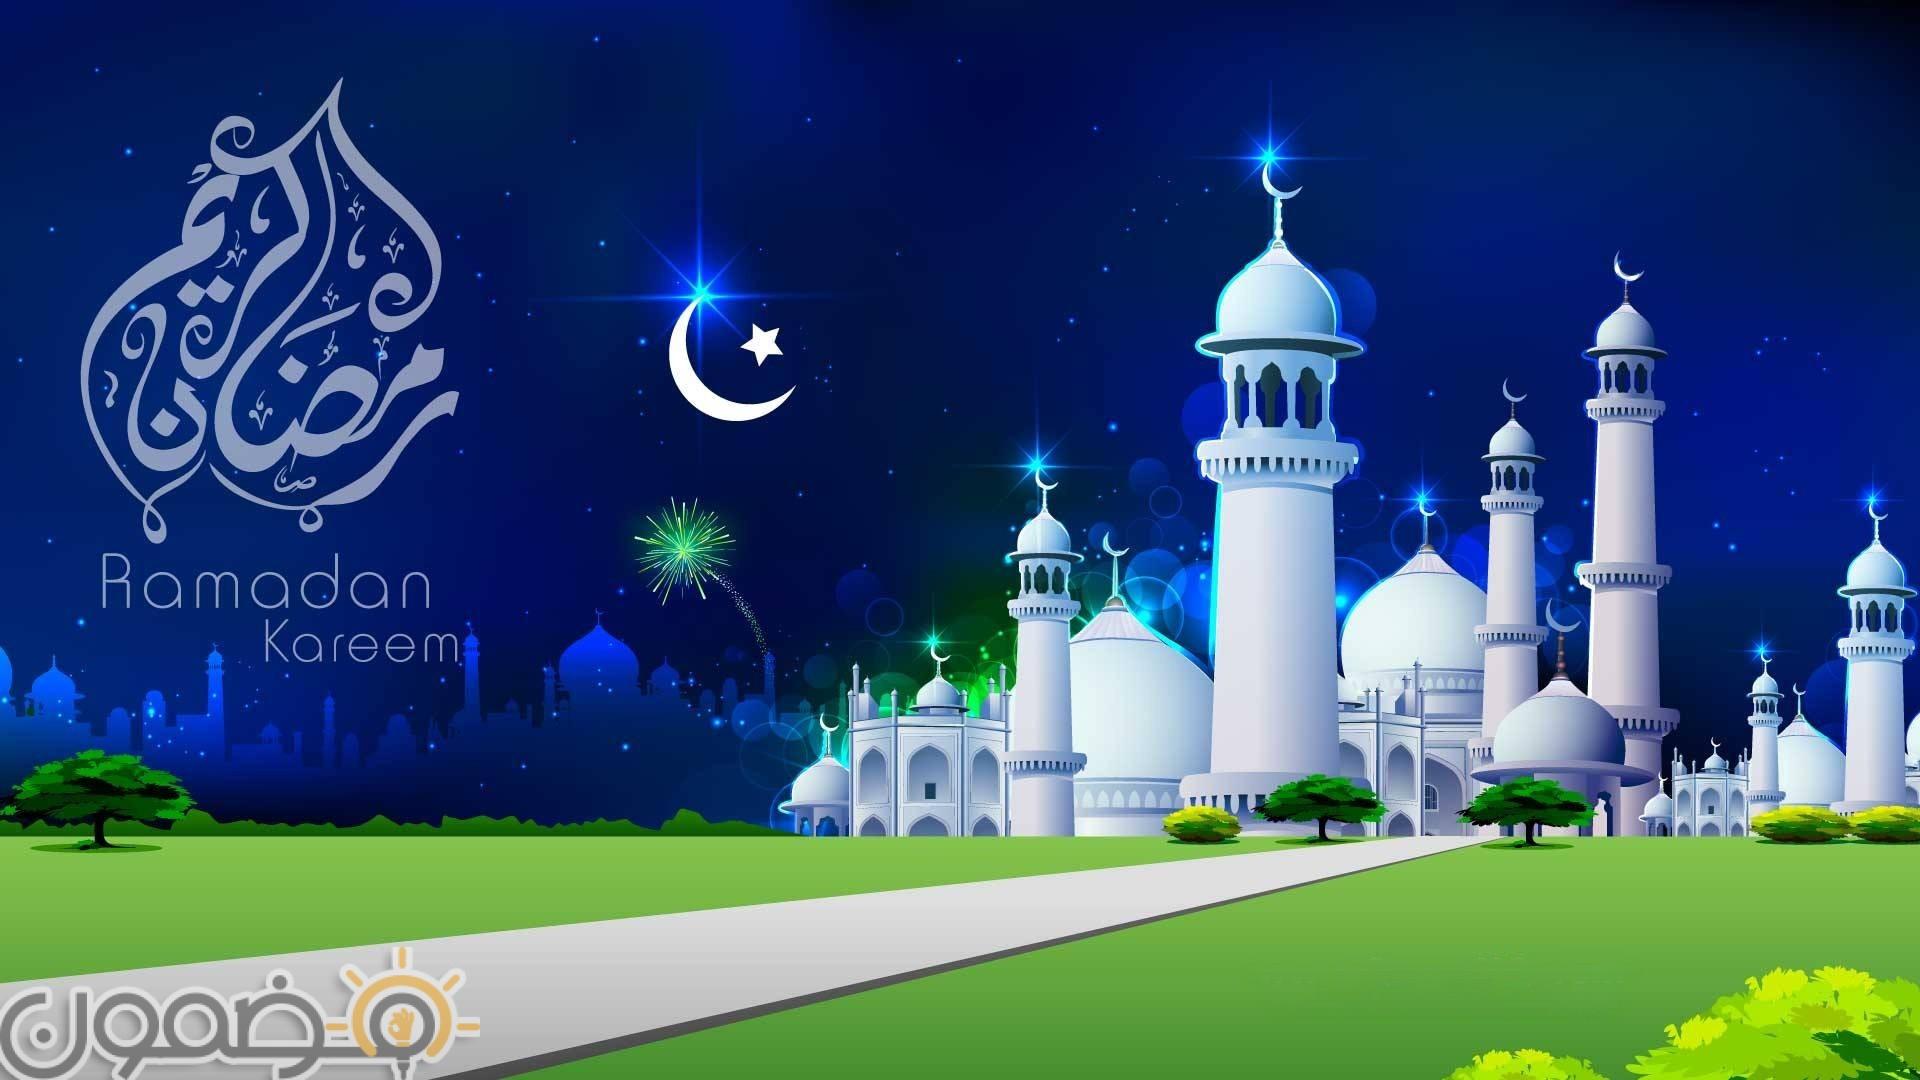 خلفيات رمضان كريم تويتر 7 خلفيات رمضان كريم تويتر تويتات رمضانية